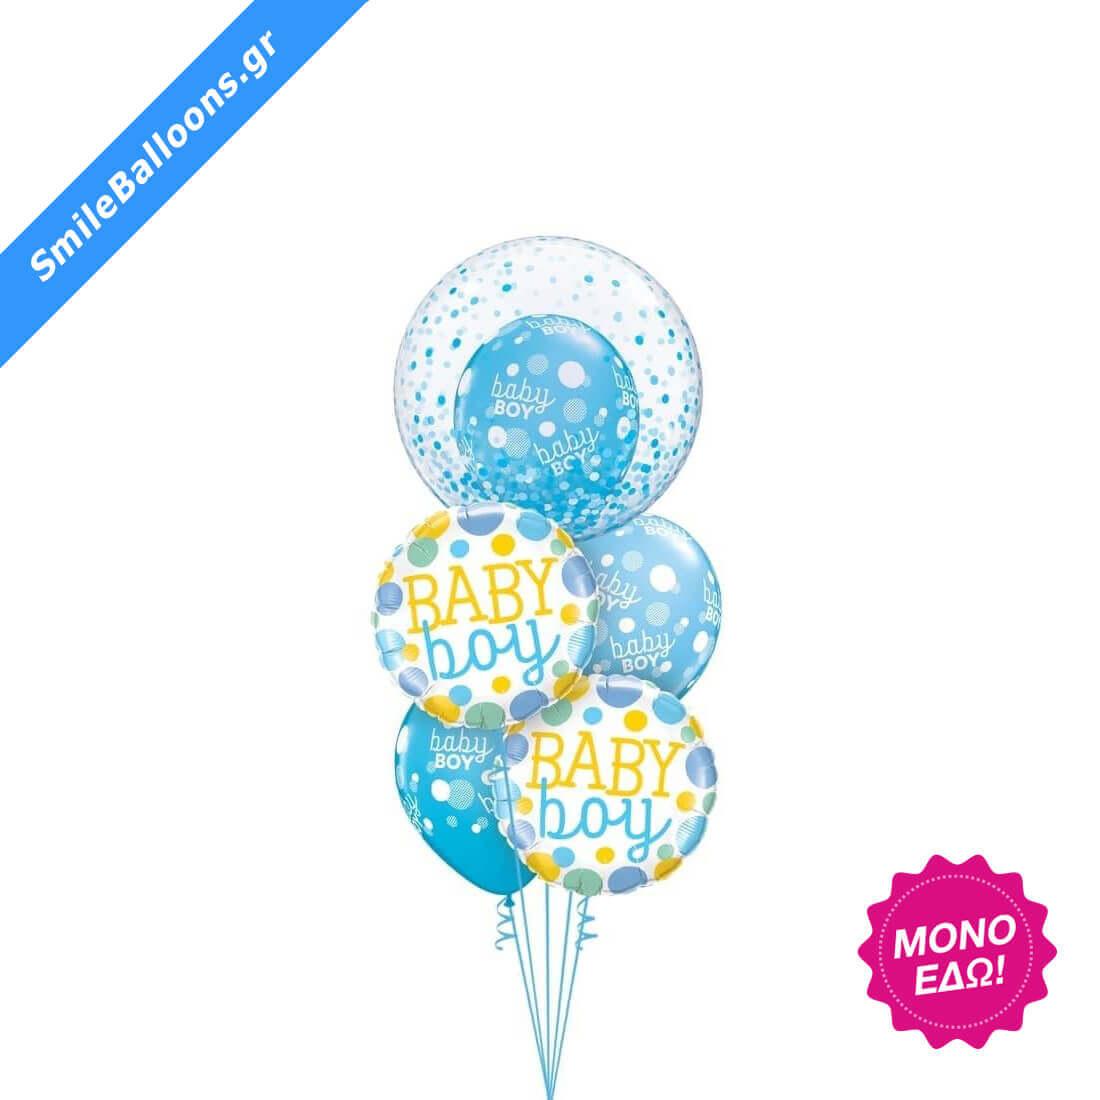 """Μπουκέτο μπαλονιών """"Baby Boy Polka Dots & Confetti"""""""